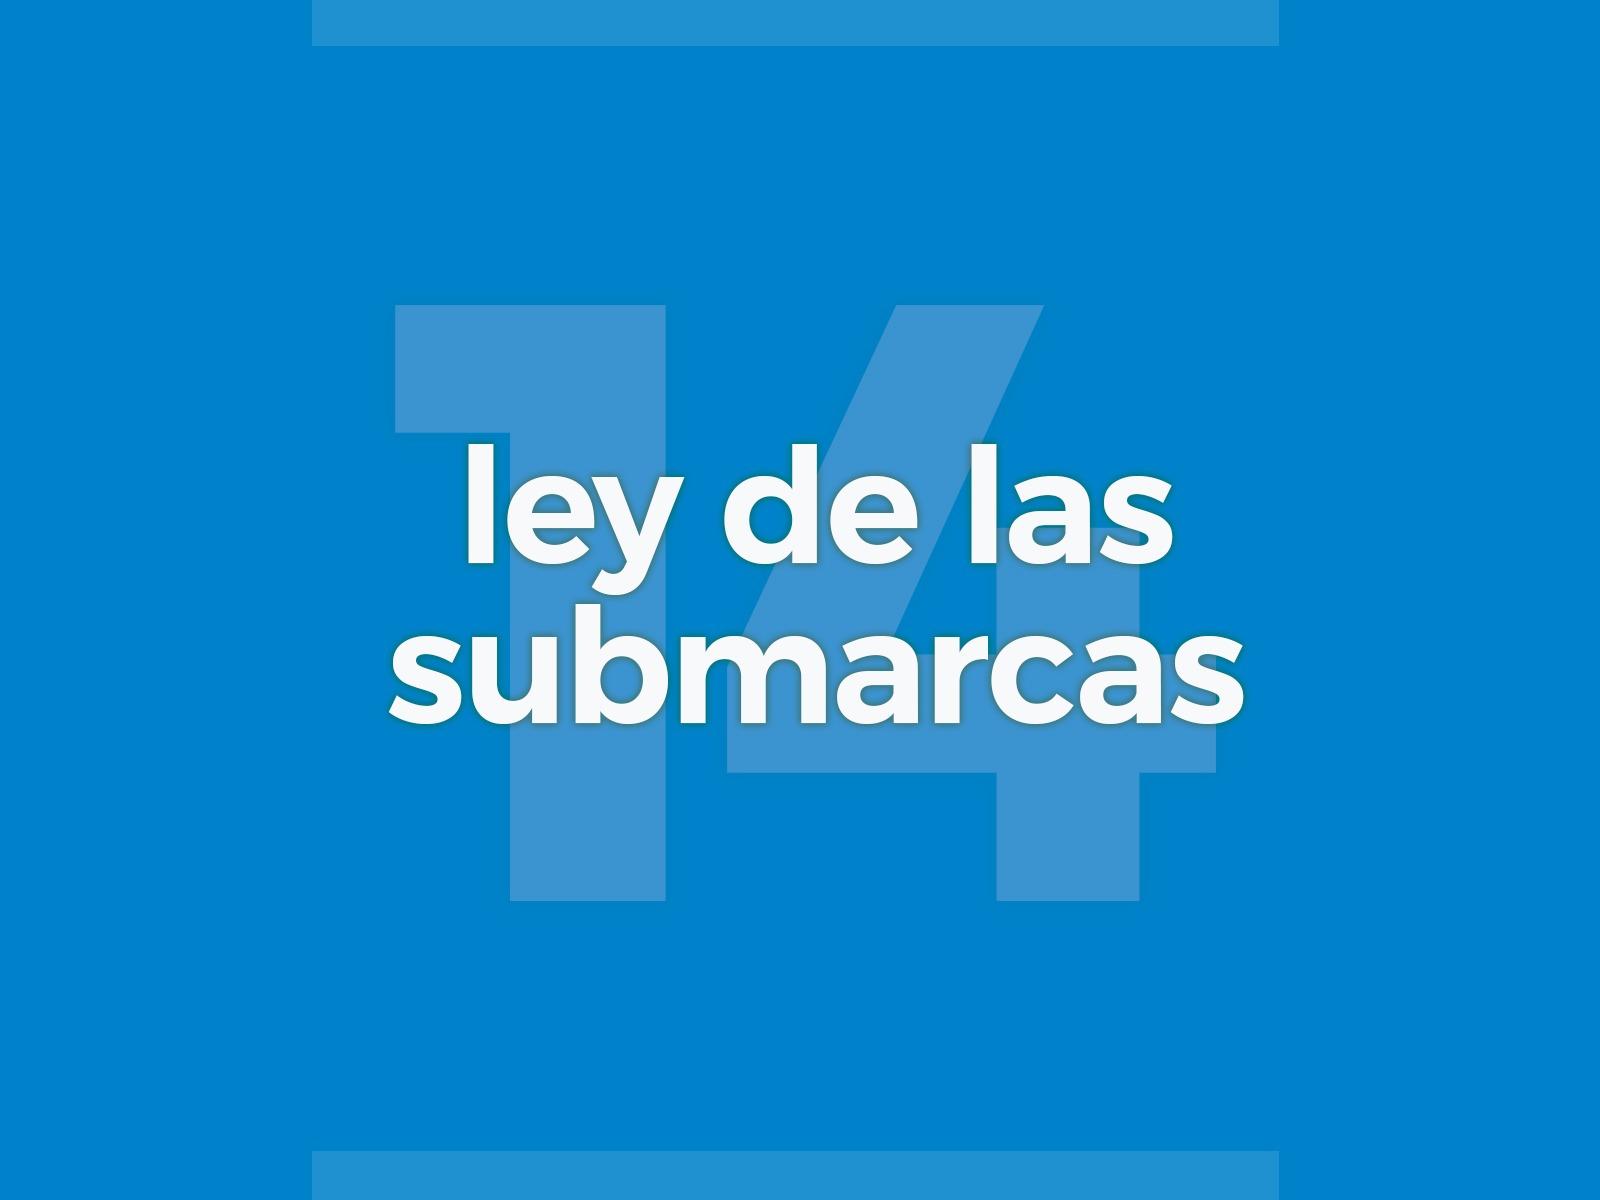 Ley de las submarcas